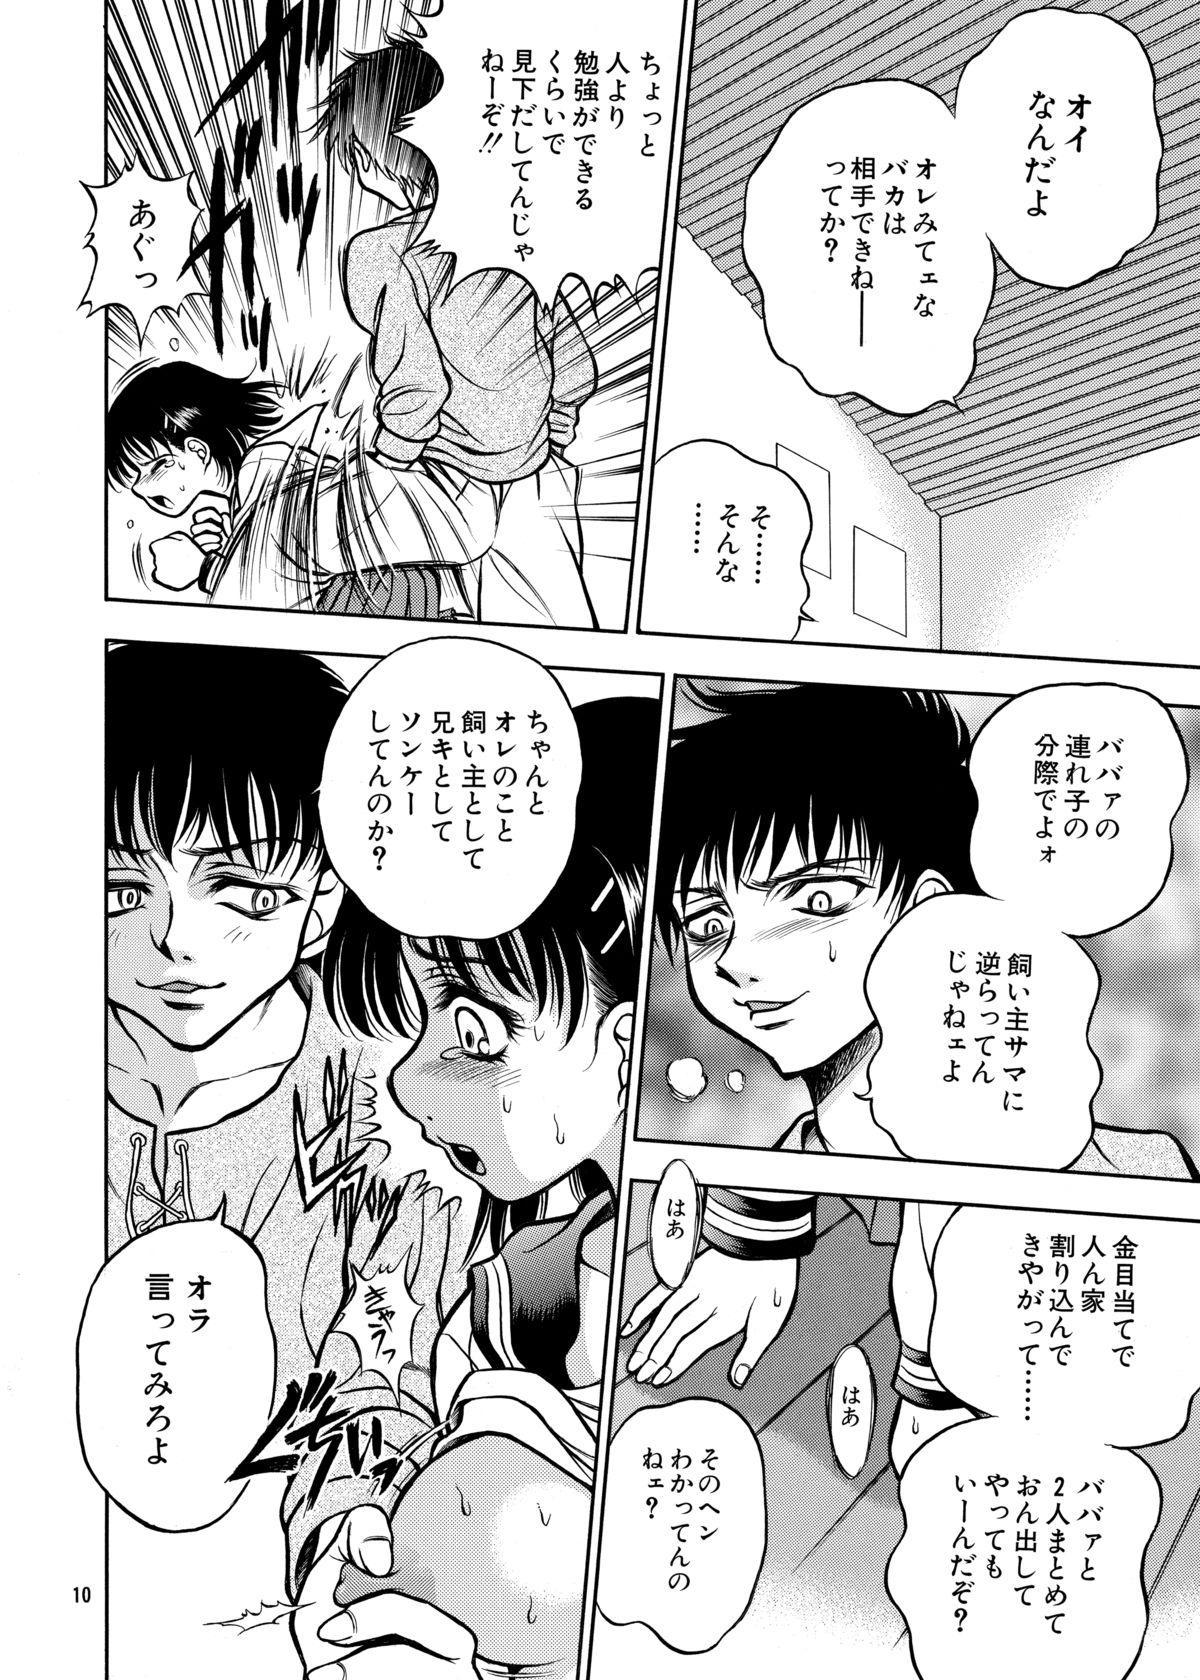 ココロノママニ 厩戸王子商業作品再録本 8